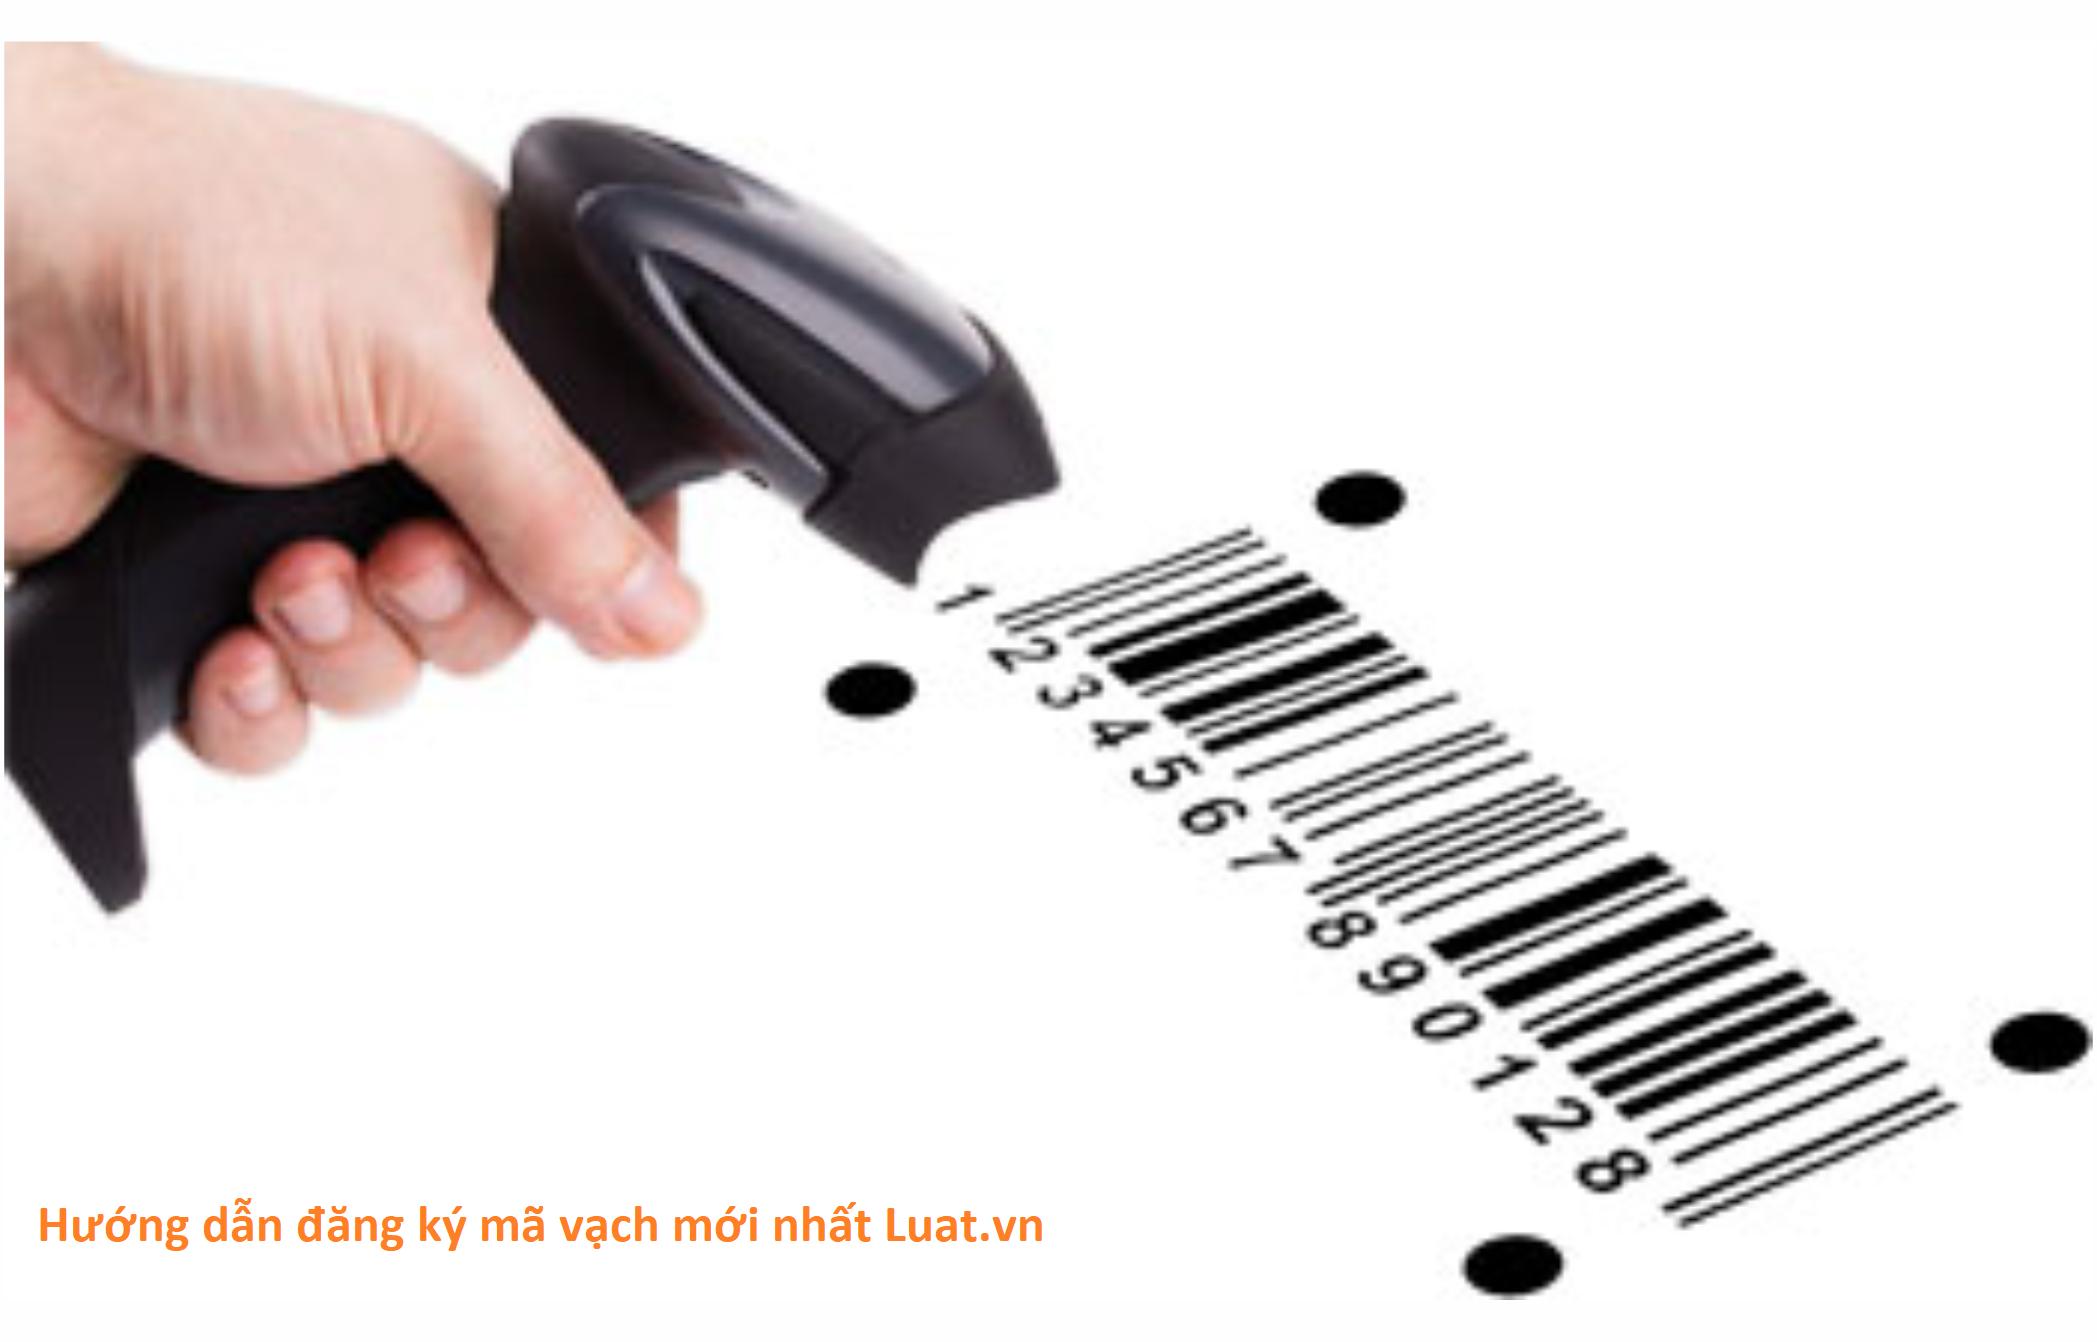 Hướng dẫn đăng ký mã vạch mới nhất